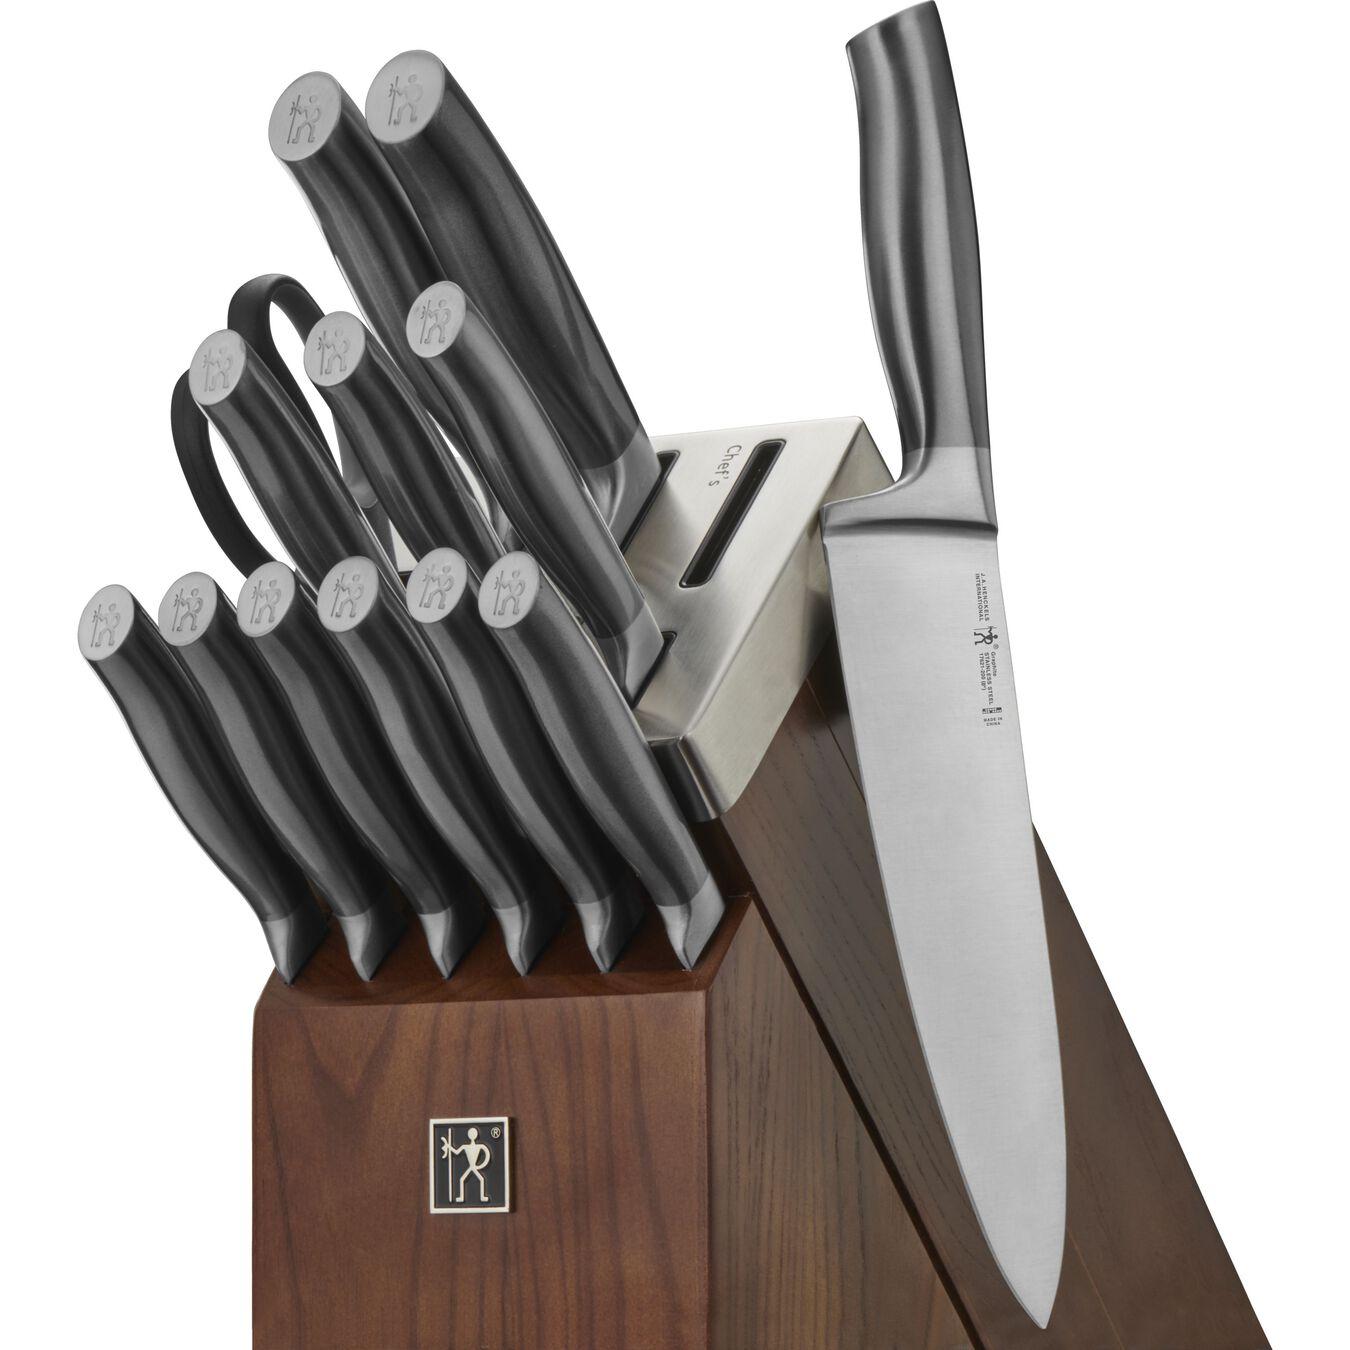 14-pc, Self-Sharpening Knife Block Set,,large 1